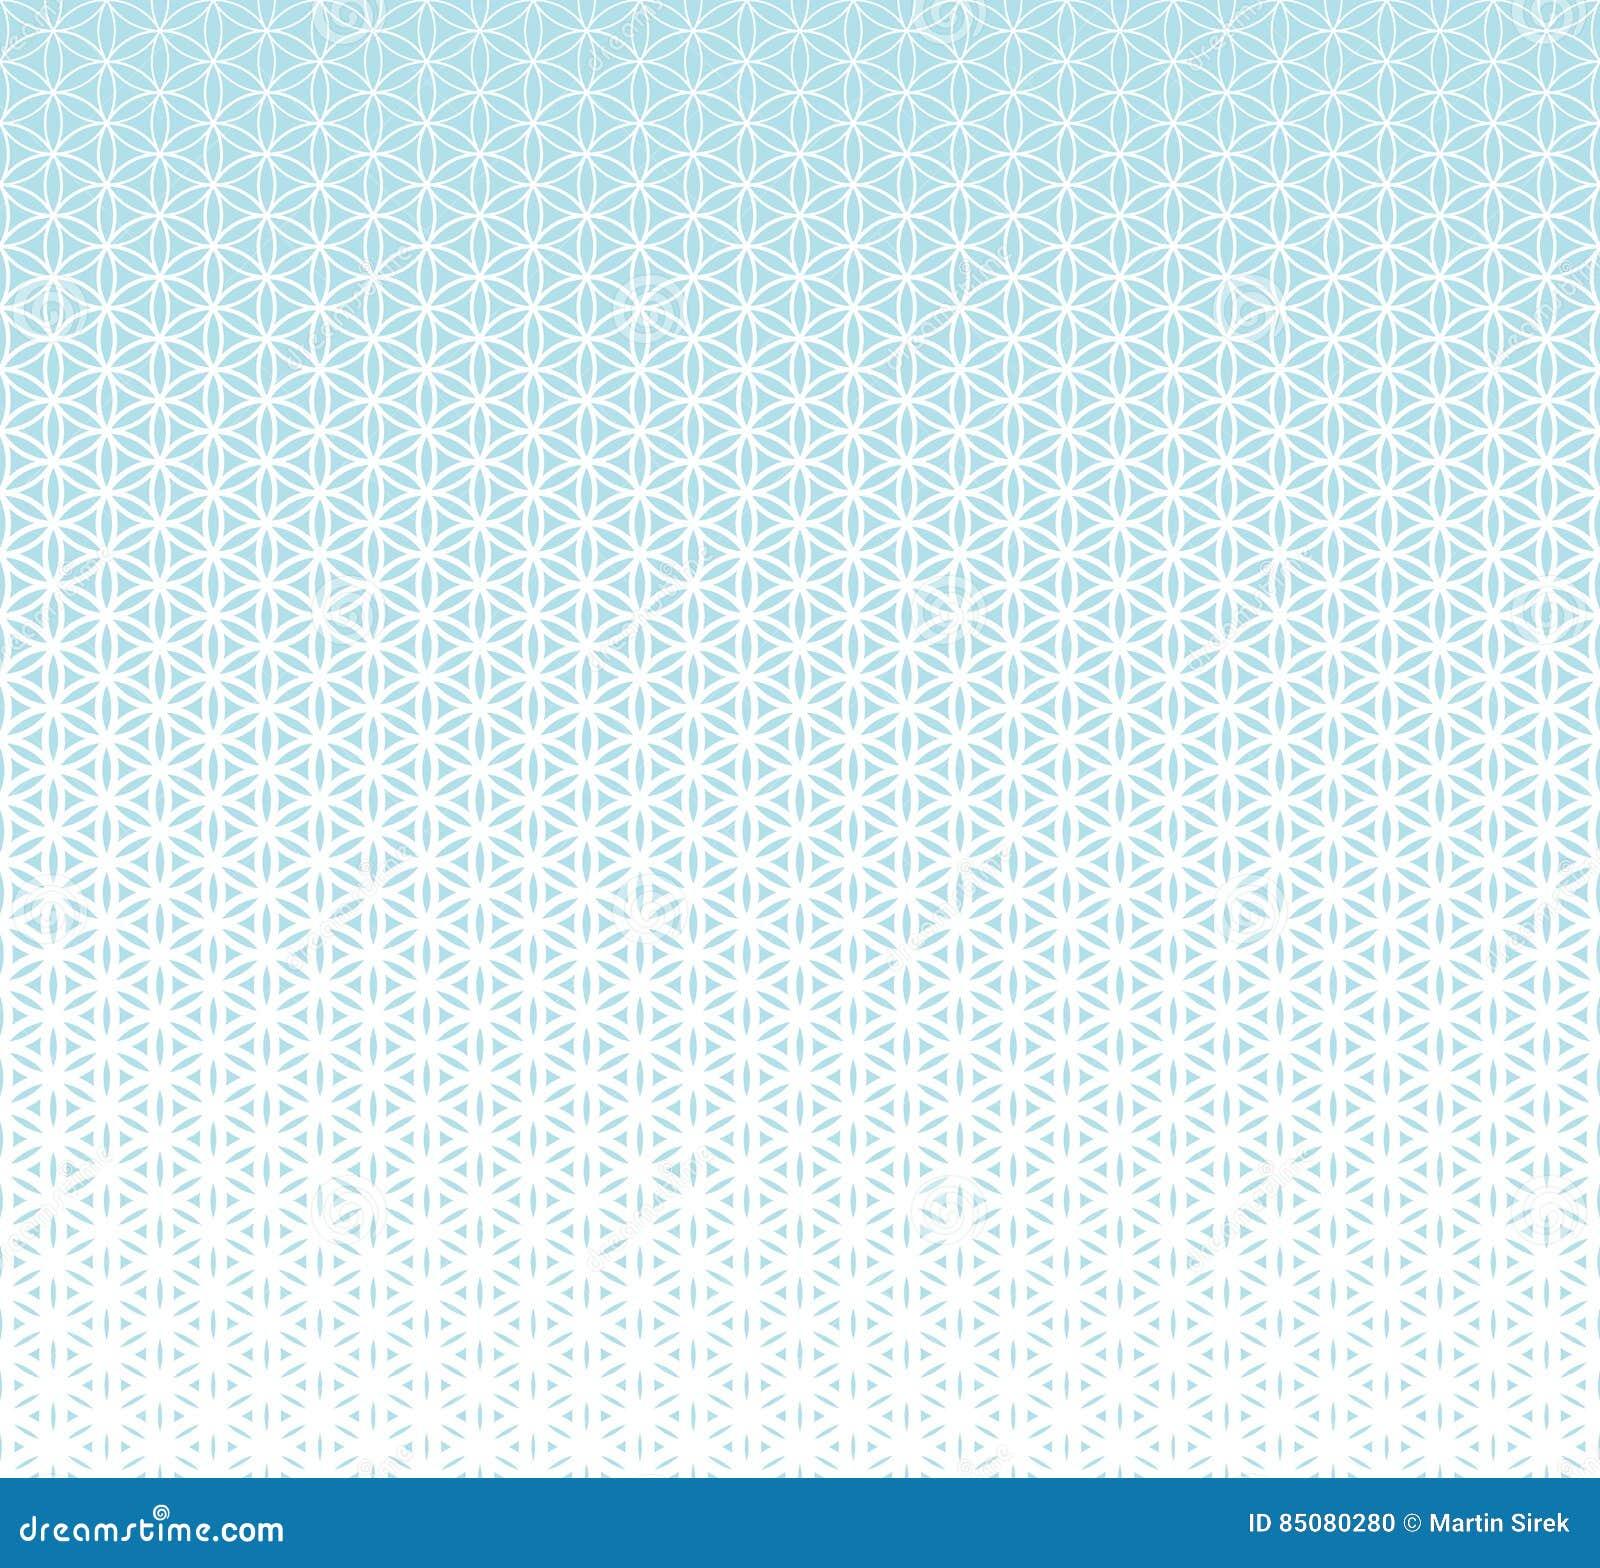 Αφηρημένο ιερό λουλούδι κλίσης γεωμετρίας μπλε του ημίτονύ σχεδίου ζωής